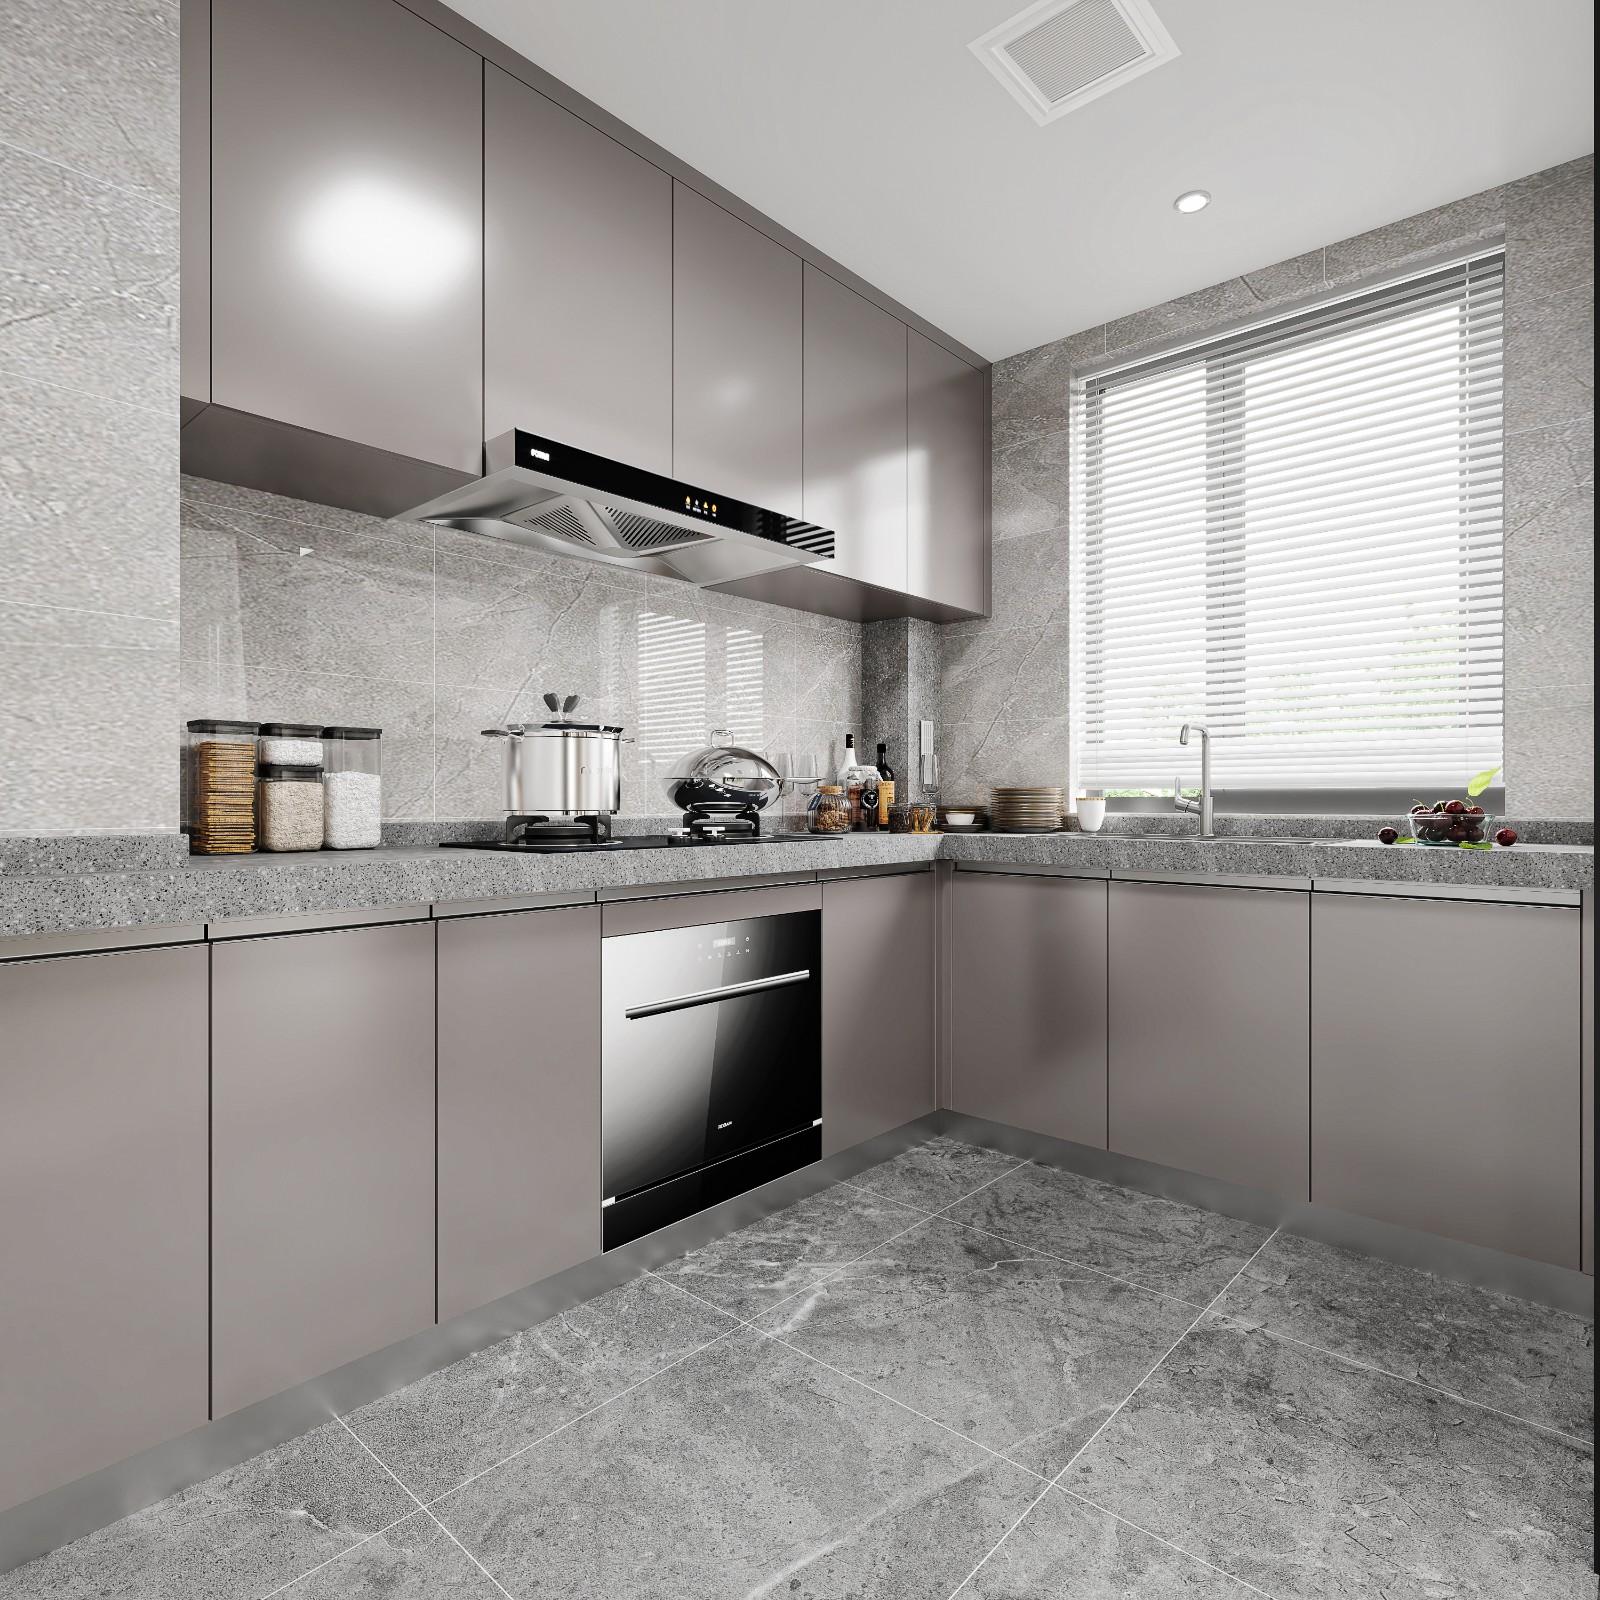 新中式样板间厨房装修效果图